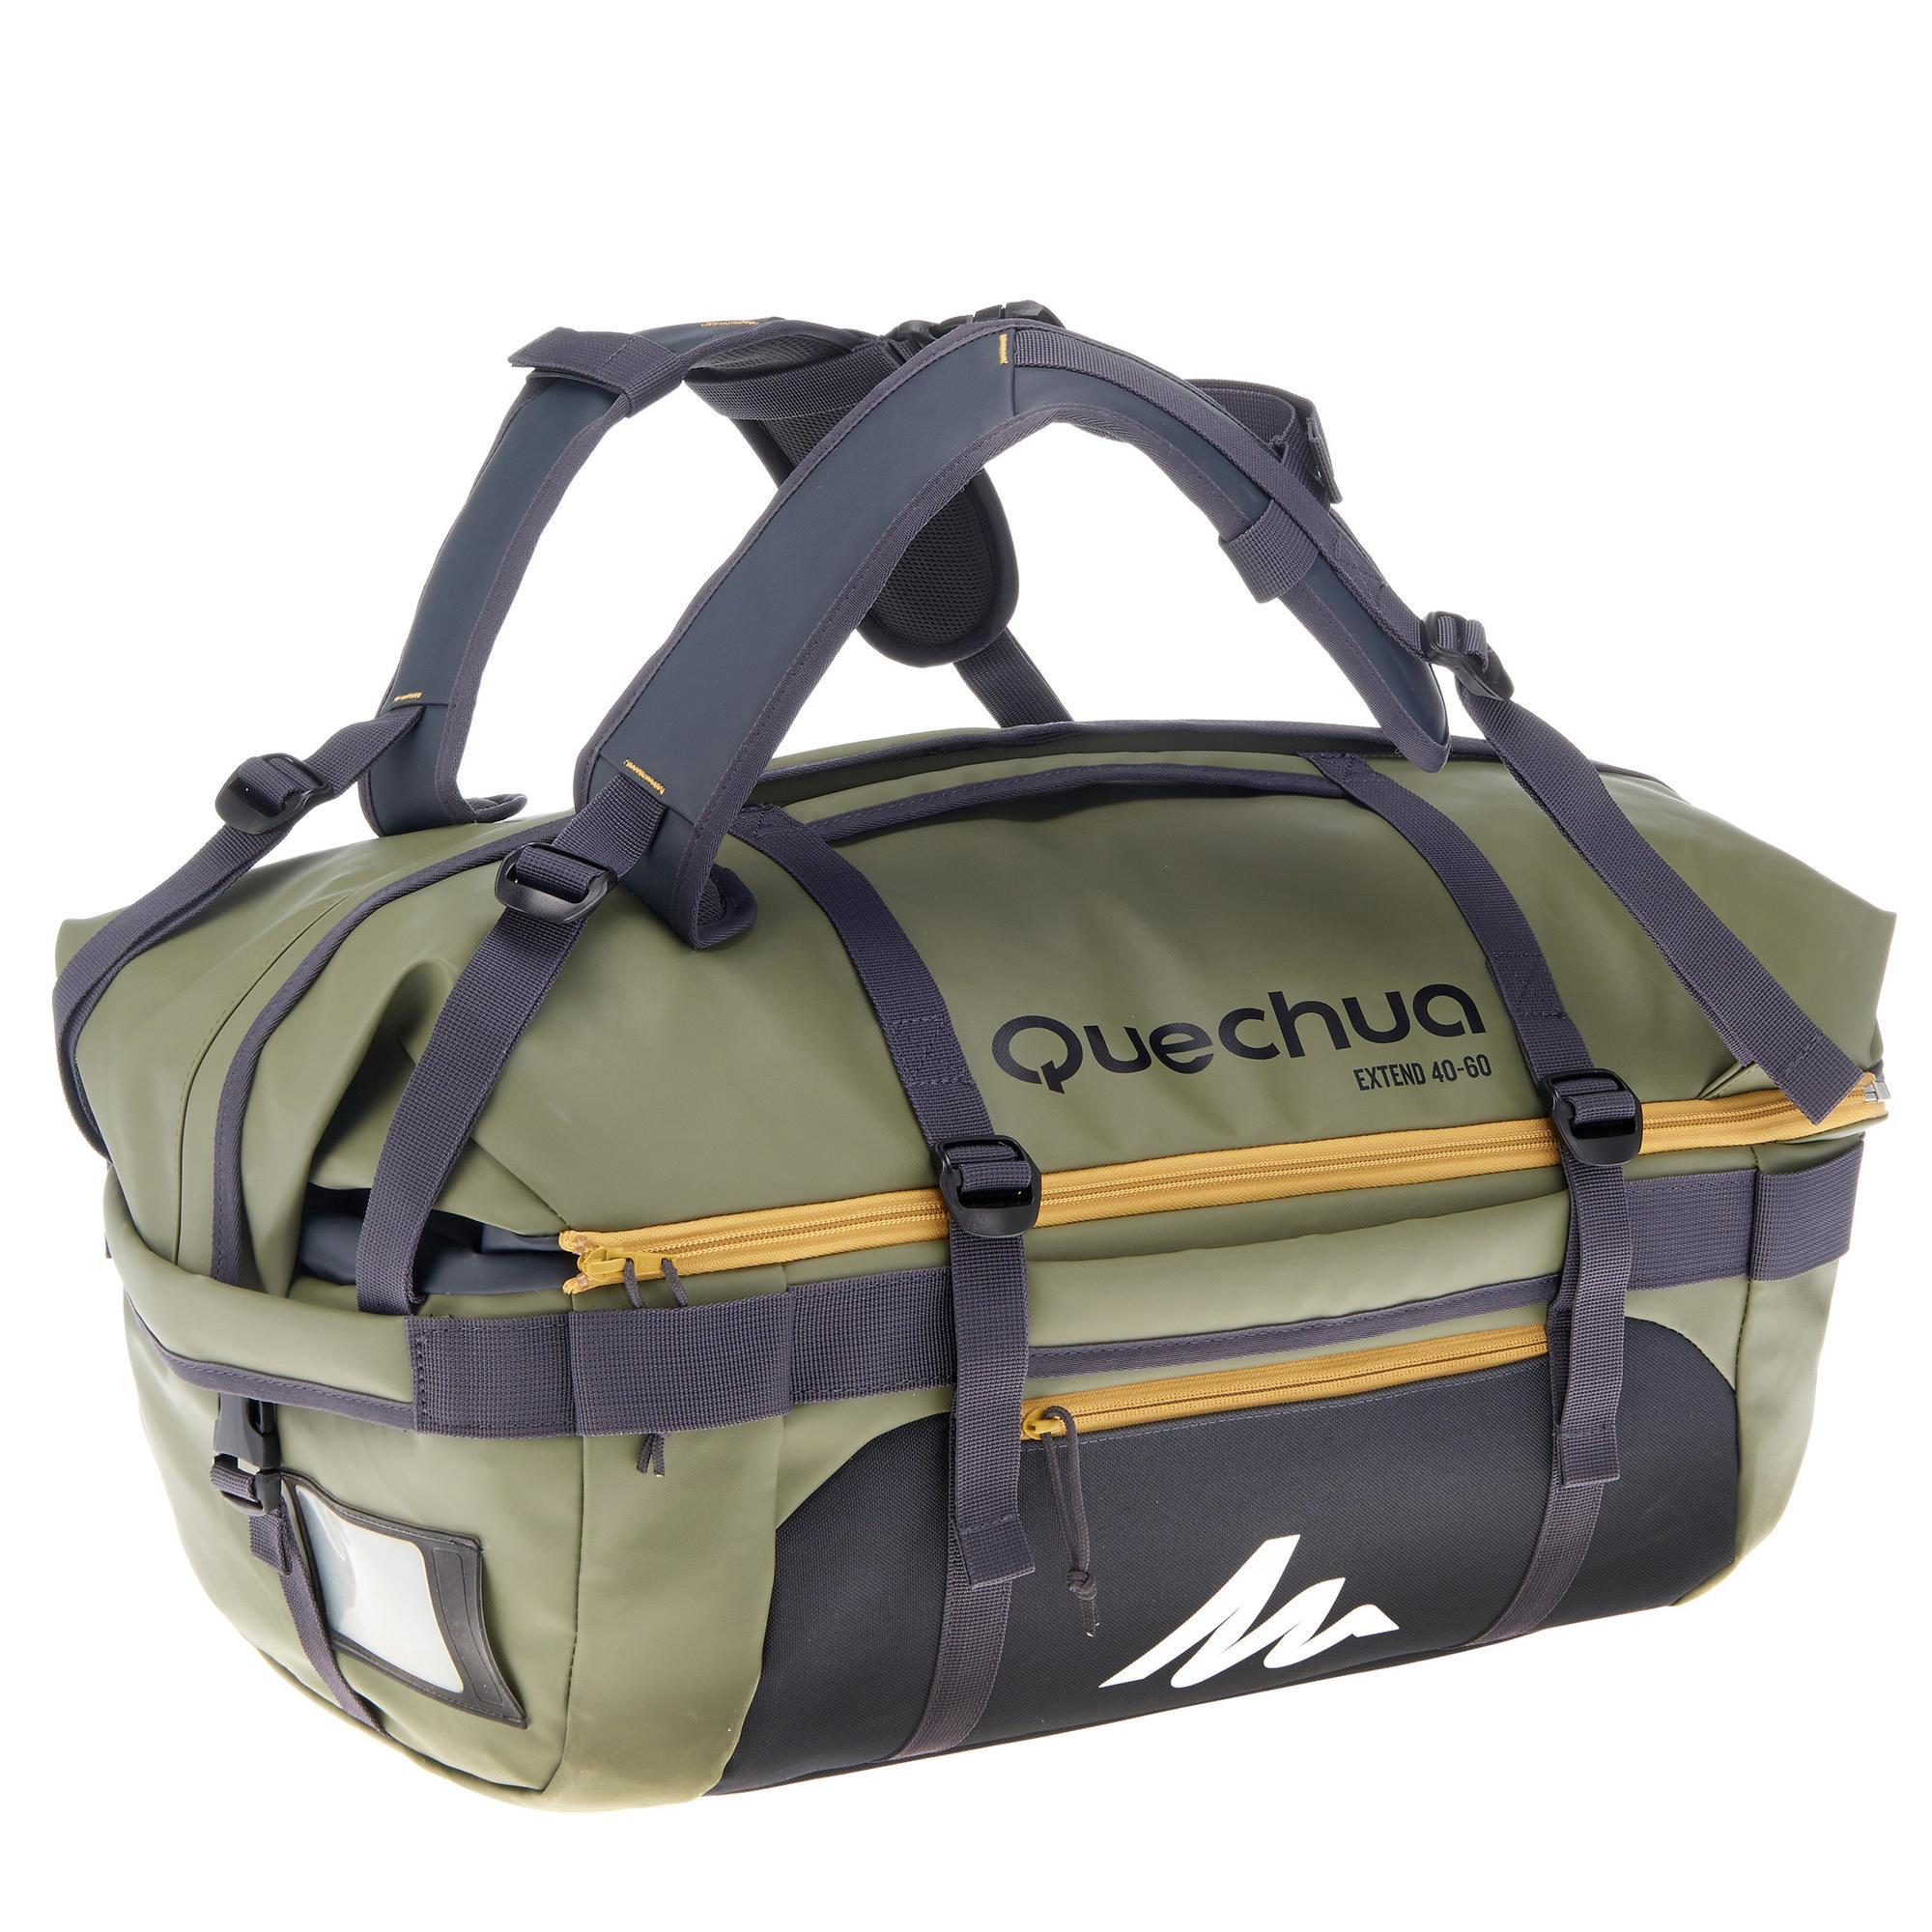 sac de transport trekking voyage extend 40 60 litres. Black Bedroom Furniture Sets. Home Design Ideas